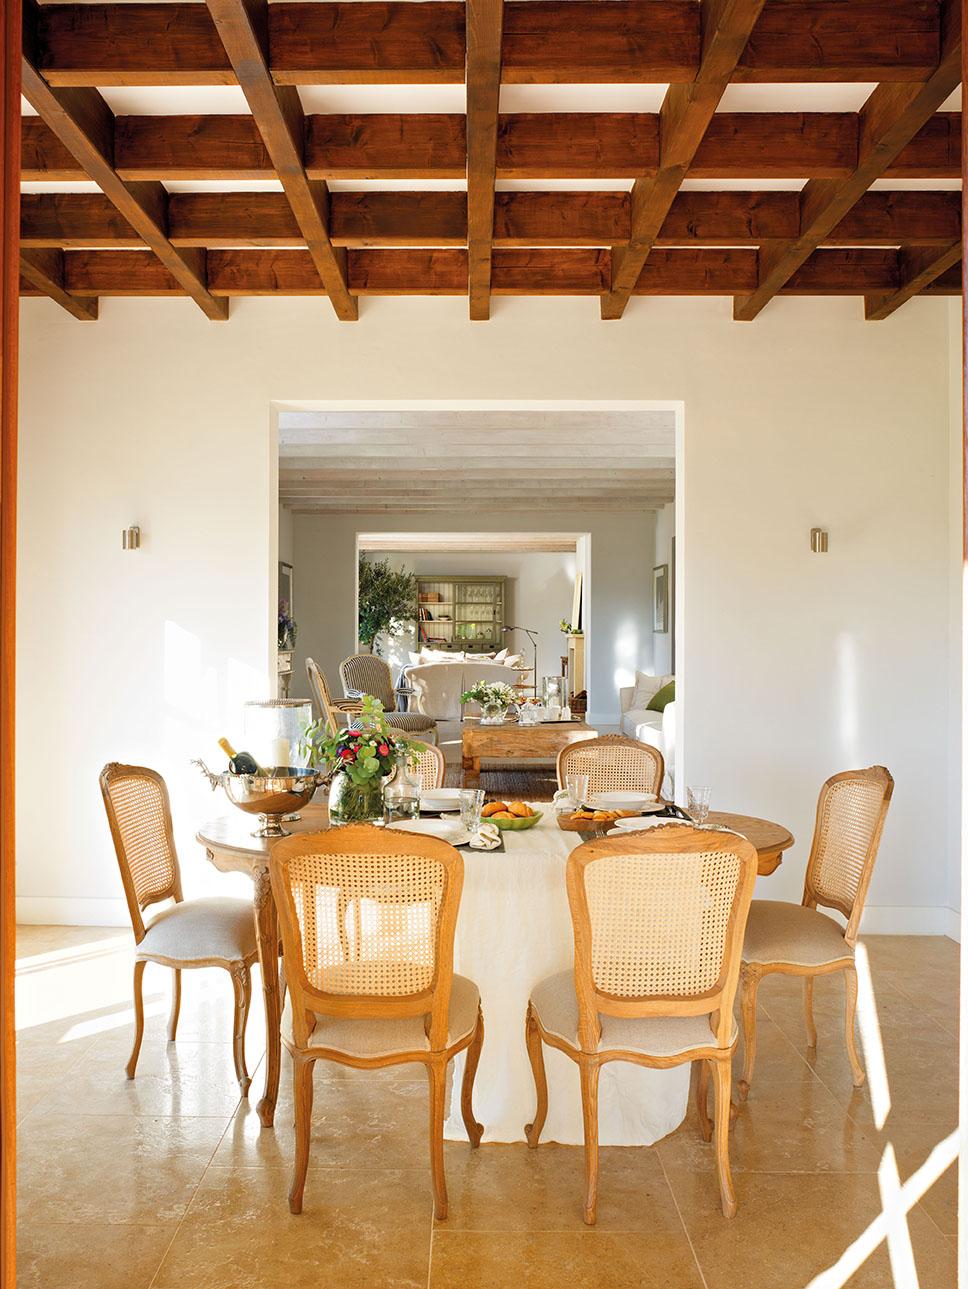 Una casa rústica nueva inspirada en las masías tradicionales